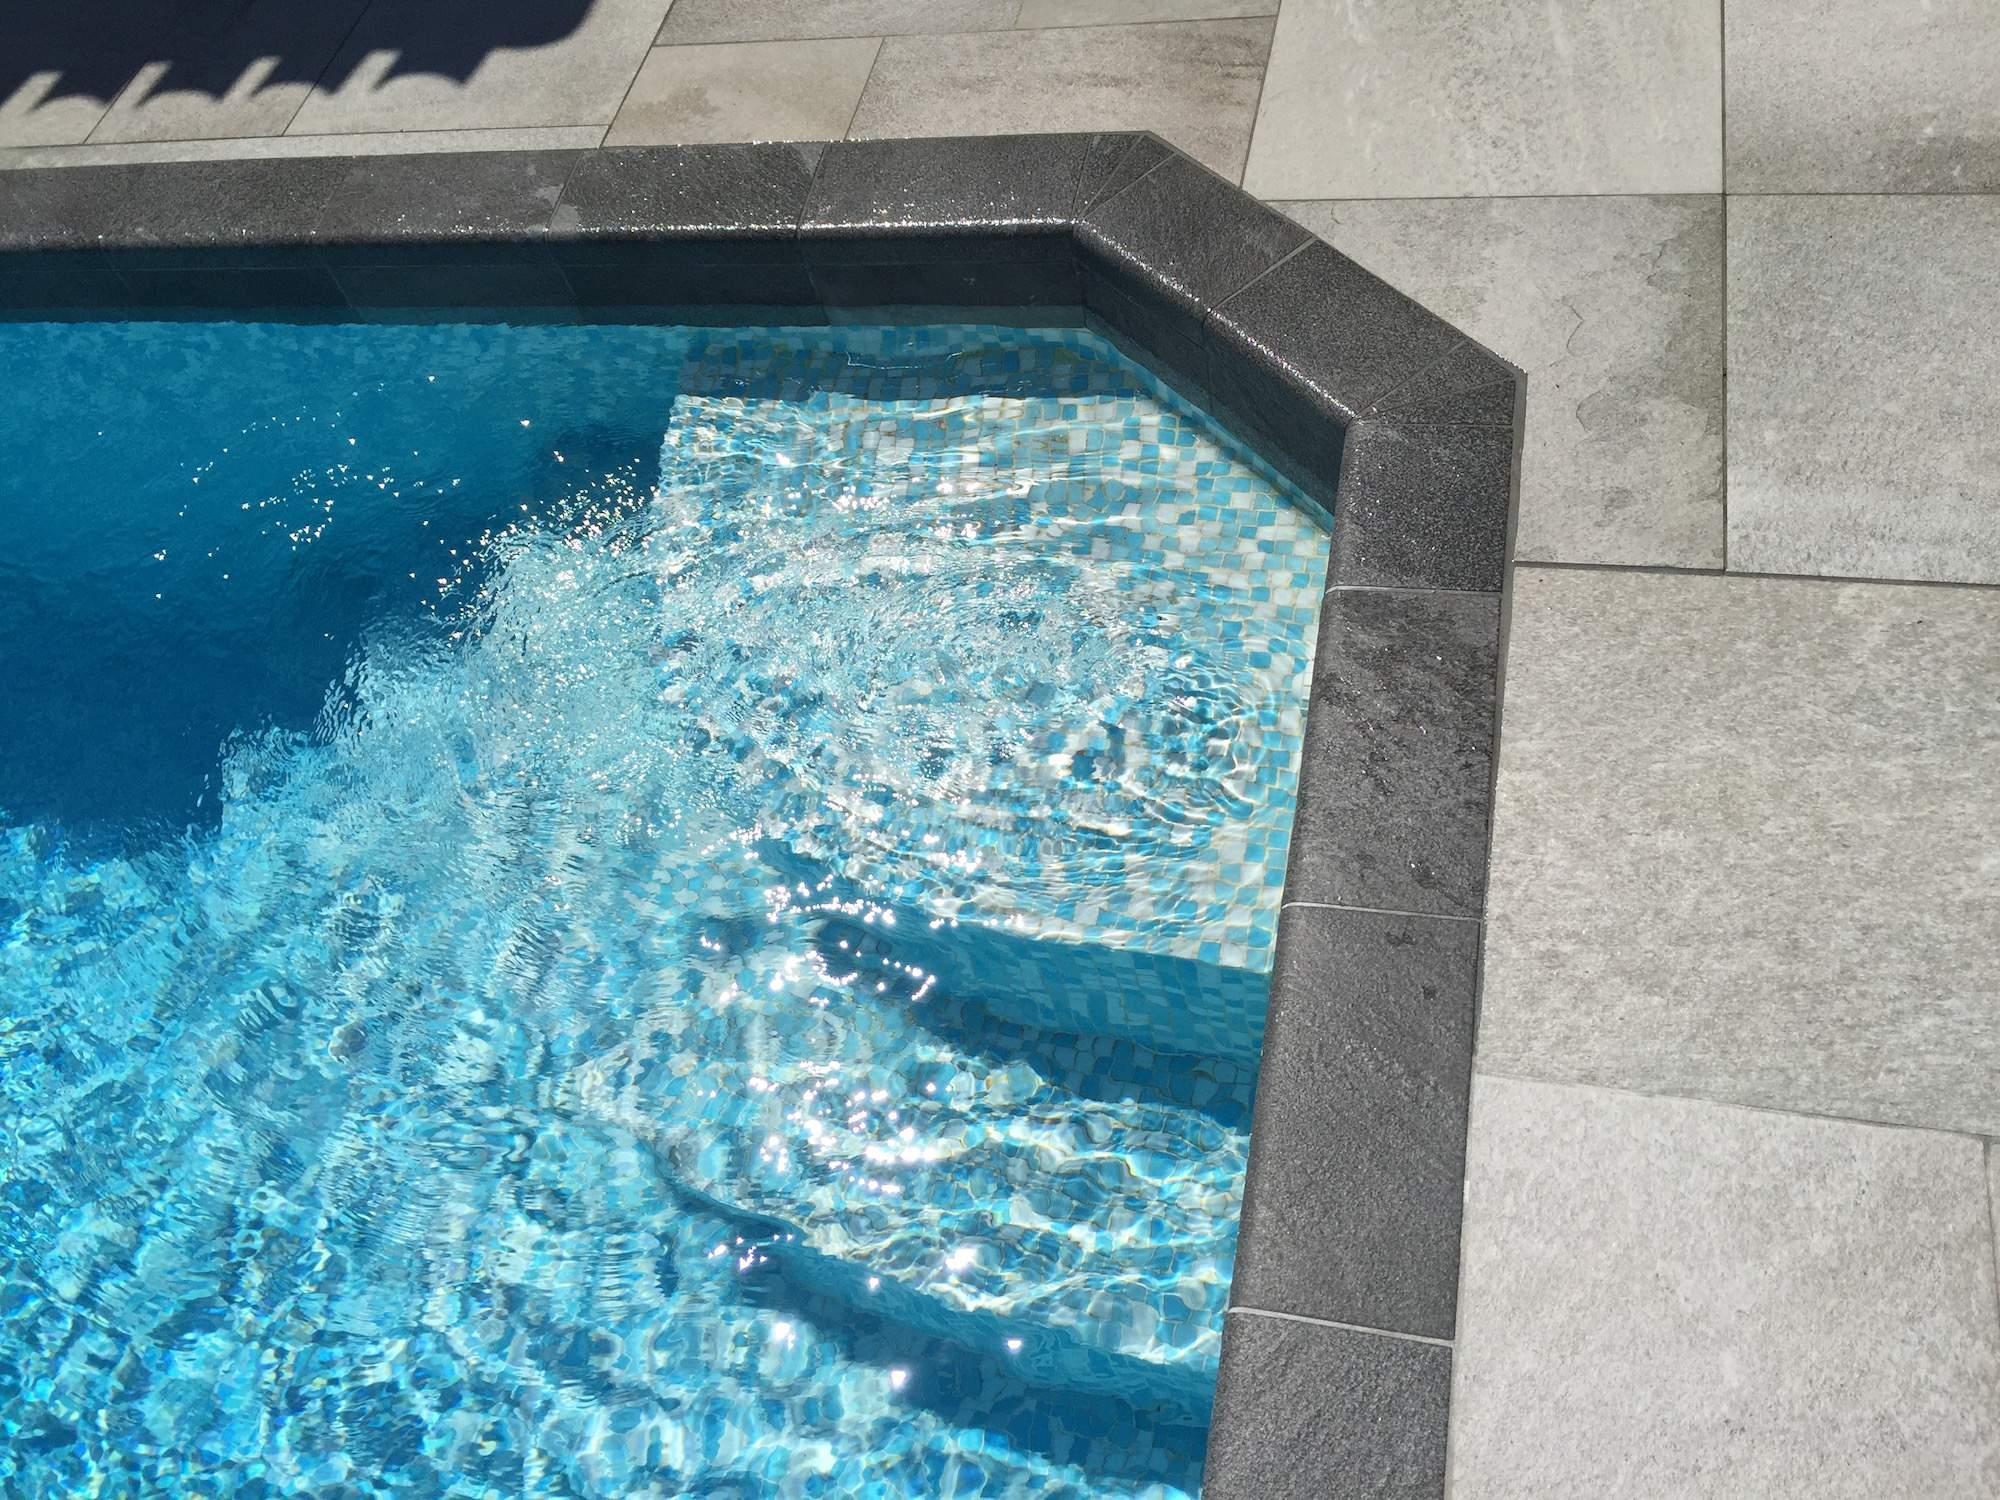 vente de margelles pour bord de piscine aix en provence